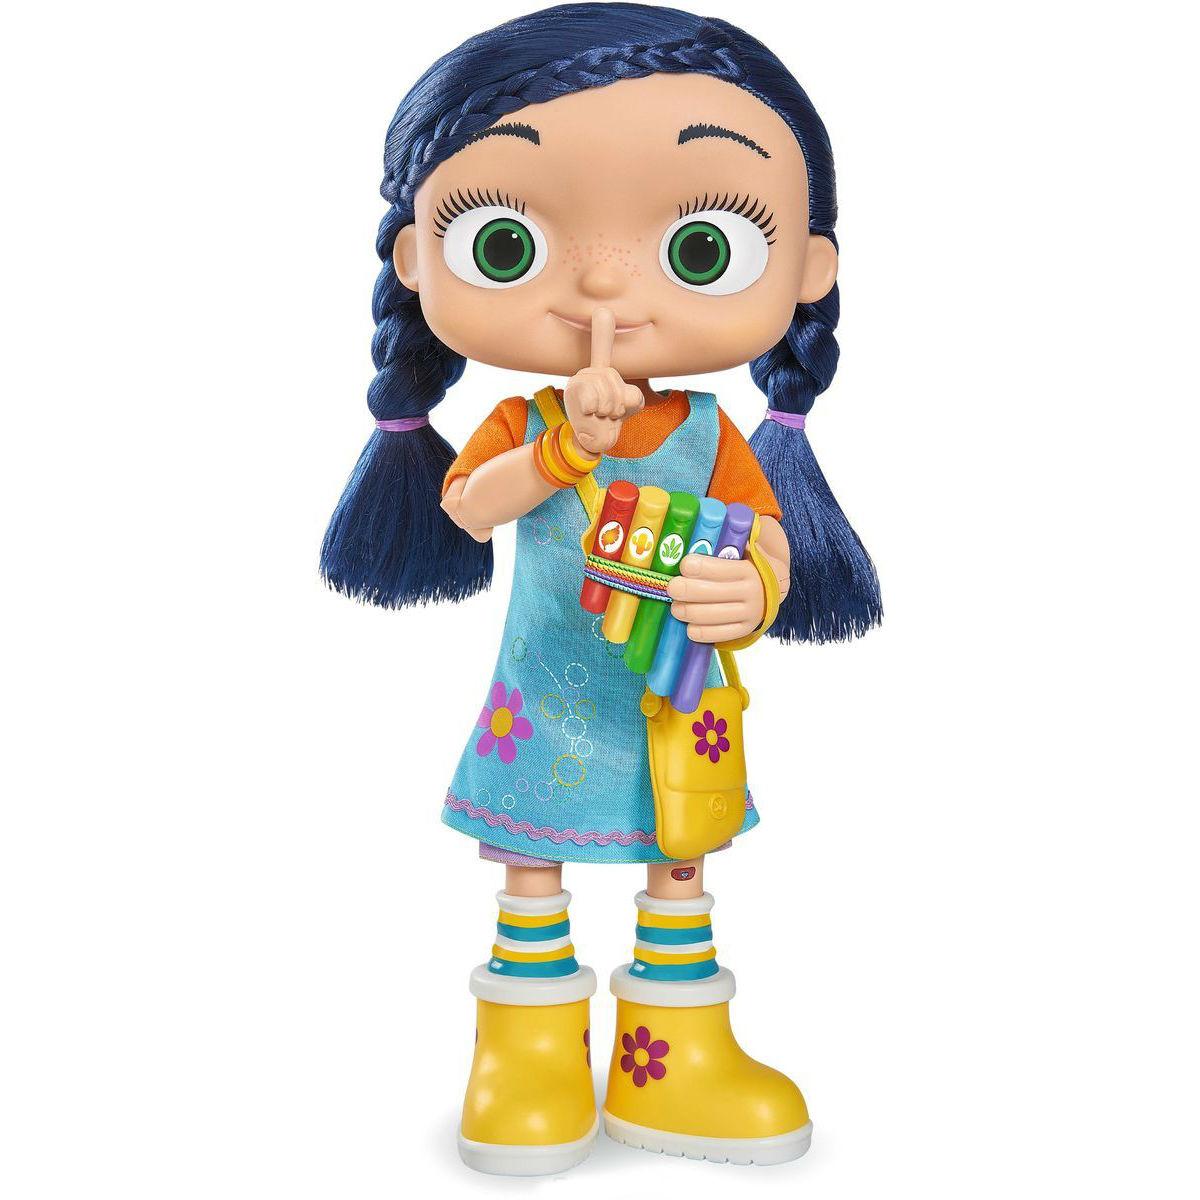 Кукла интерактивная Висспер Говорящая 35 см Simba 9358495